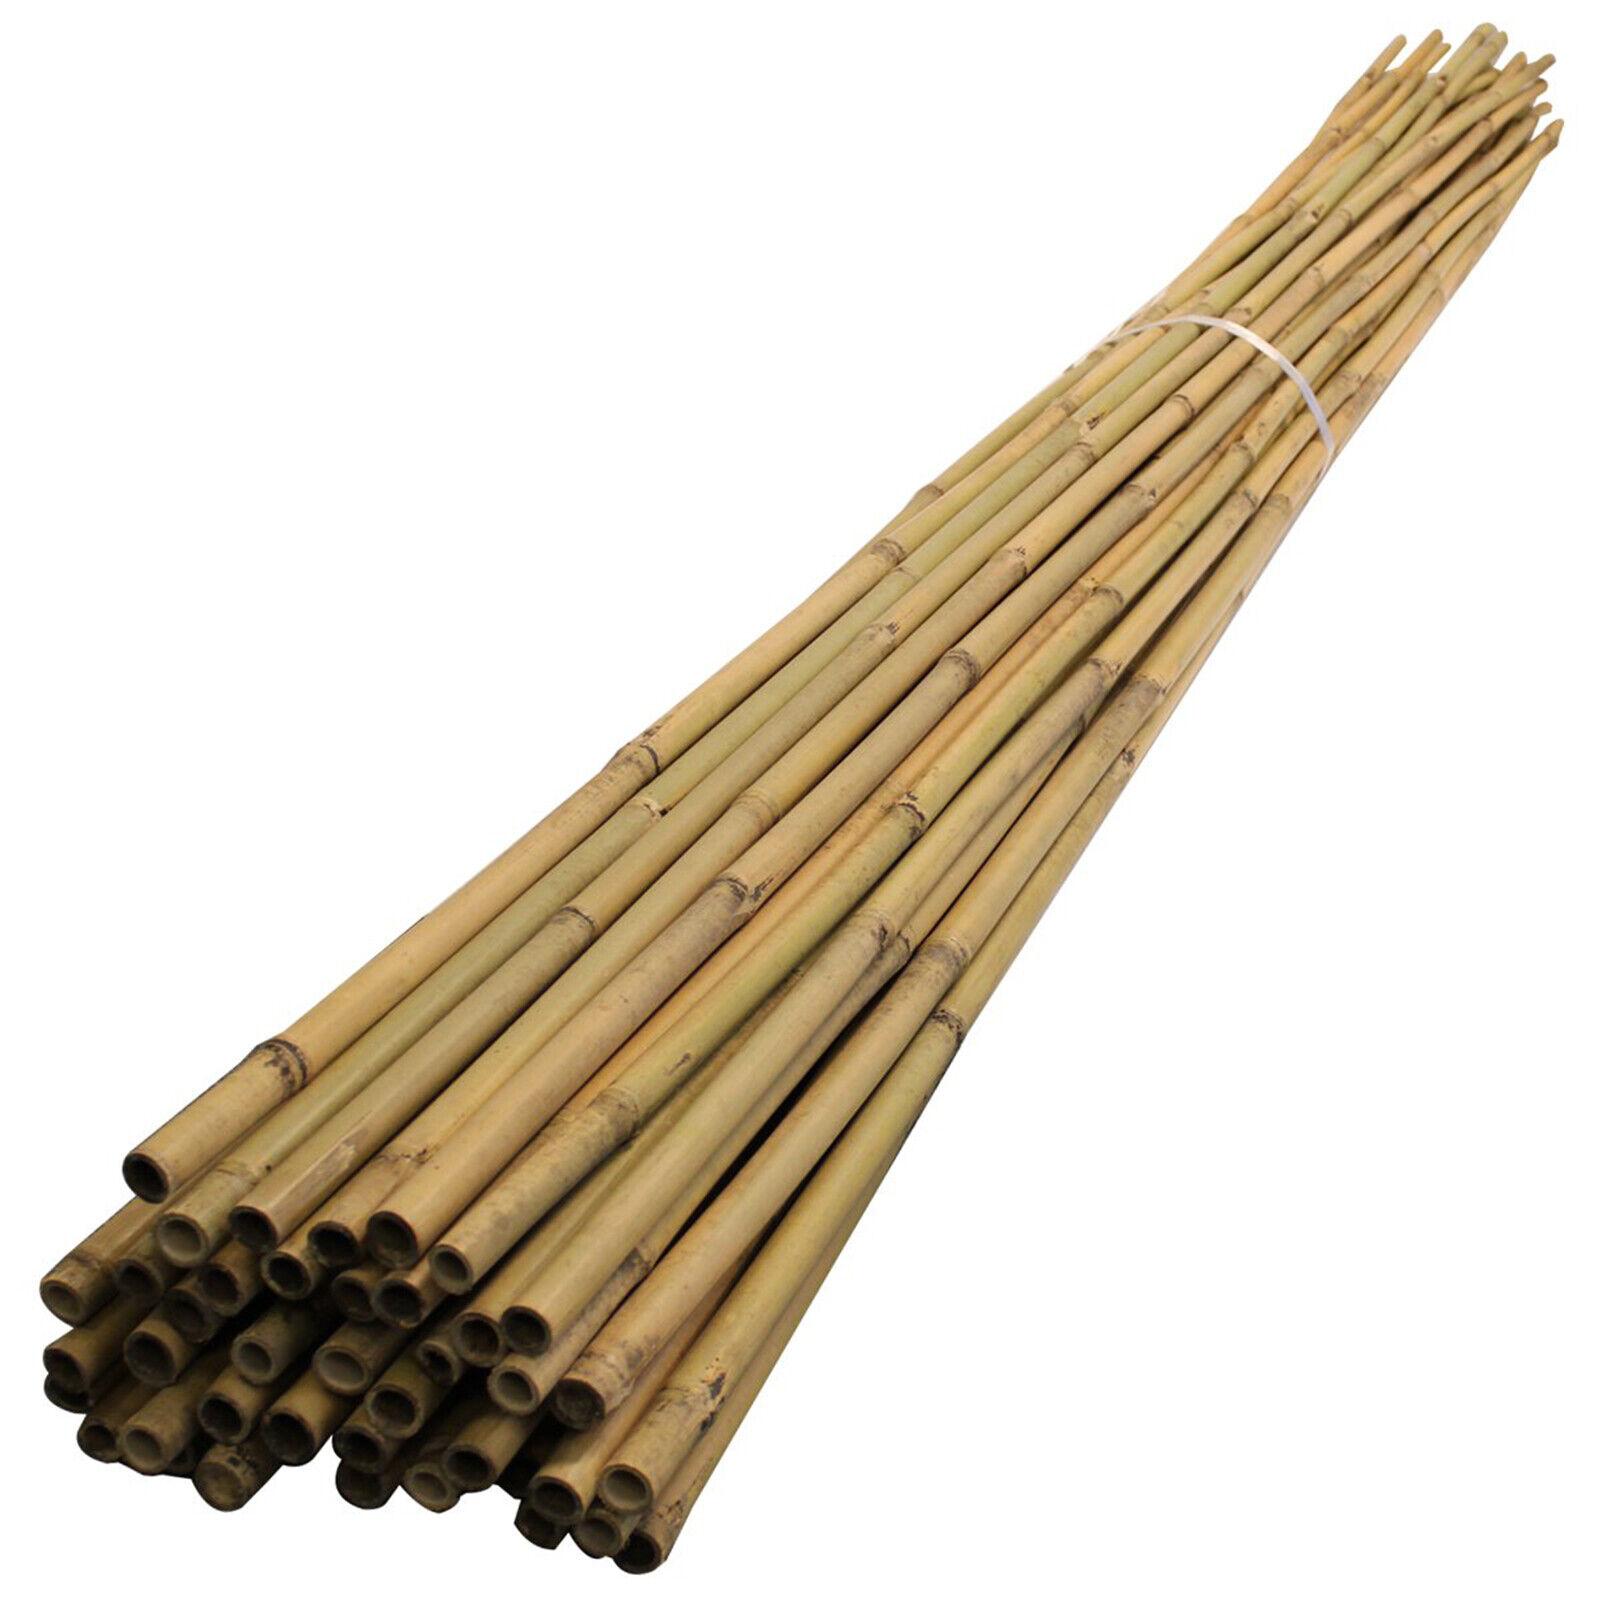 environ 0.91 m Naturel Bambou Canes 3 FT environ 1.22 m 4 ft environ 1.52 m Plante forte Soutien Jardin Canes pack de dix 5 FT